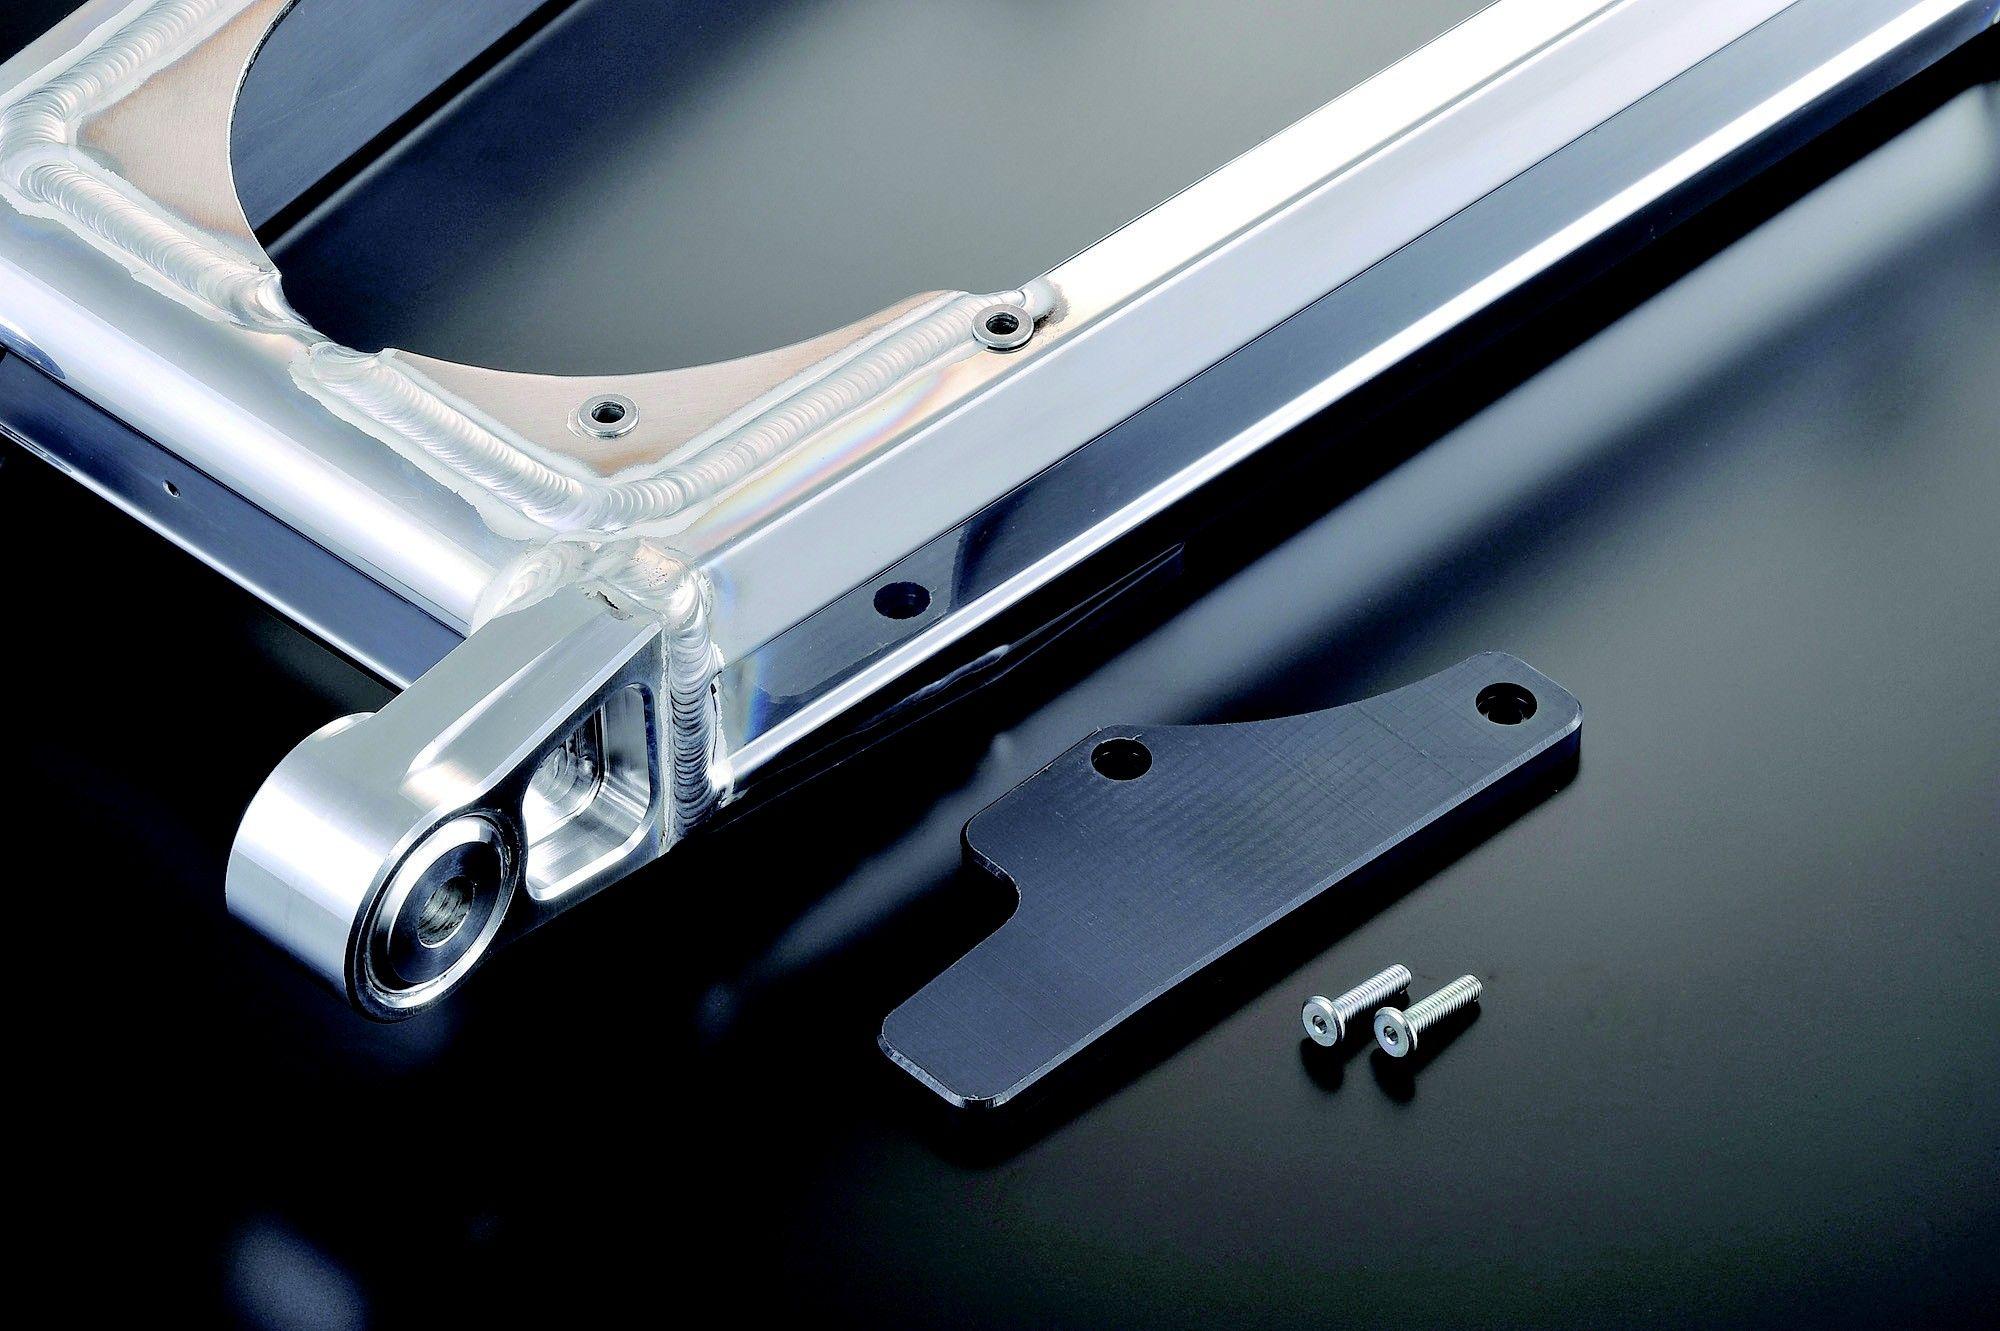 【G-Craft】NS-1輪框用MONO SHOCK多角型後搖臂 加長10cm - 「Webike-摩托百貨」